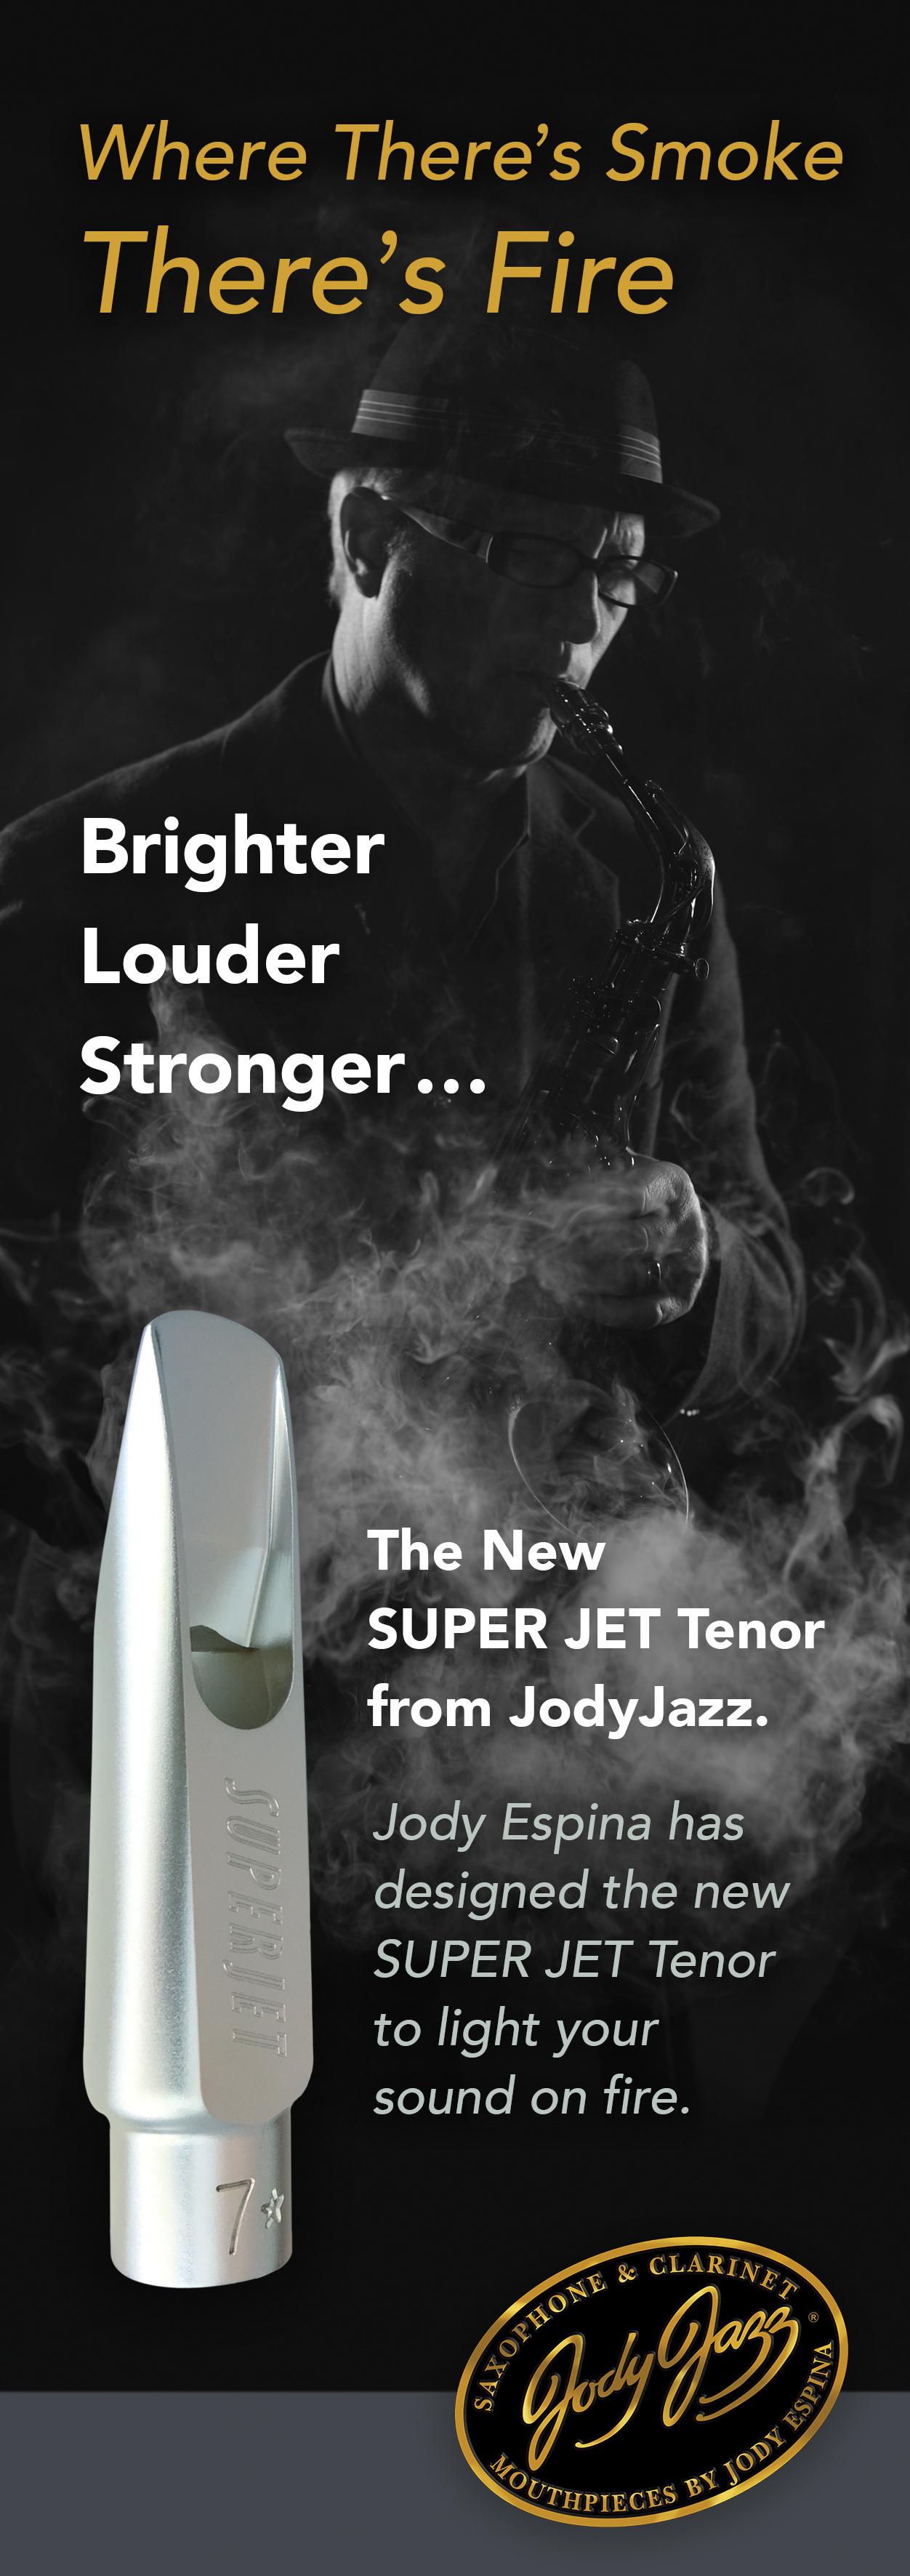 SuperJetTenor_Jazzwise_106mmx300mm.jpg